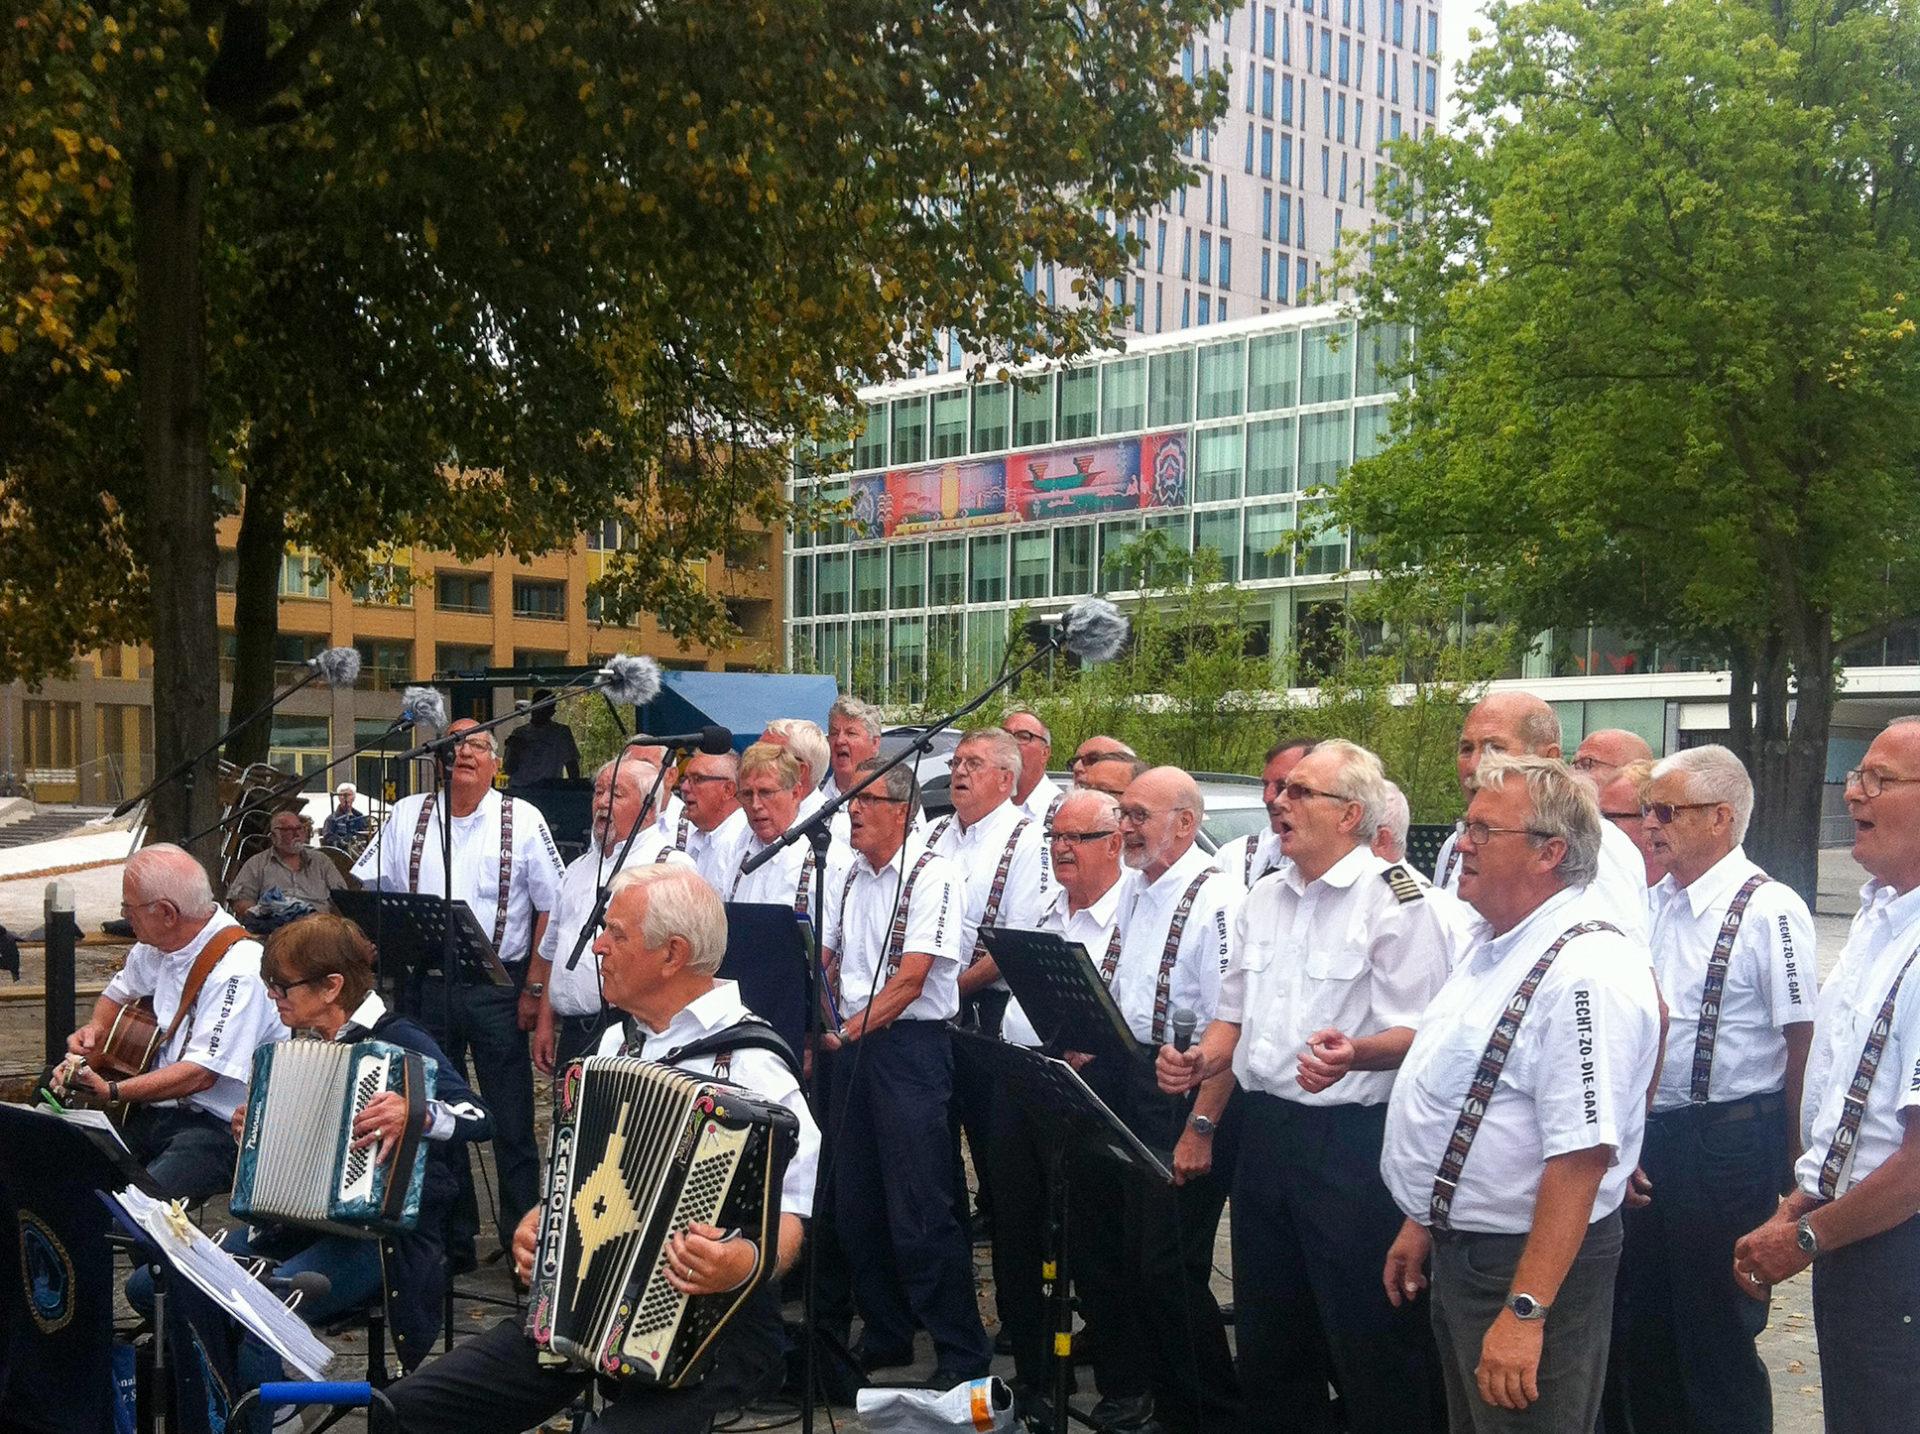 Das alter Rotterdam: ein Shanty-Chor bei den Welthafentagen